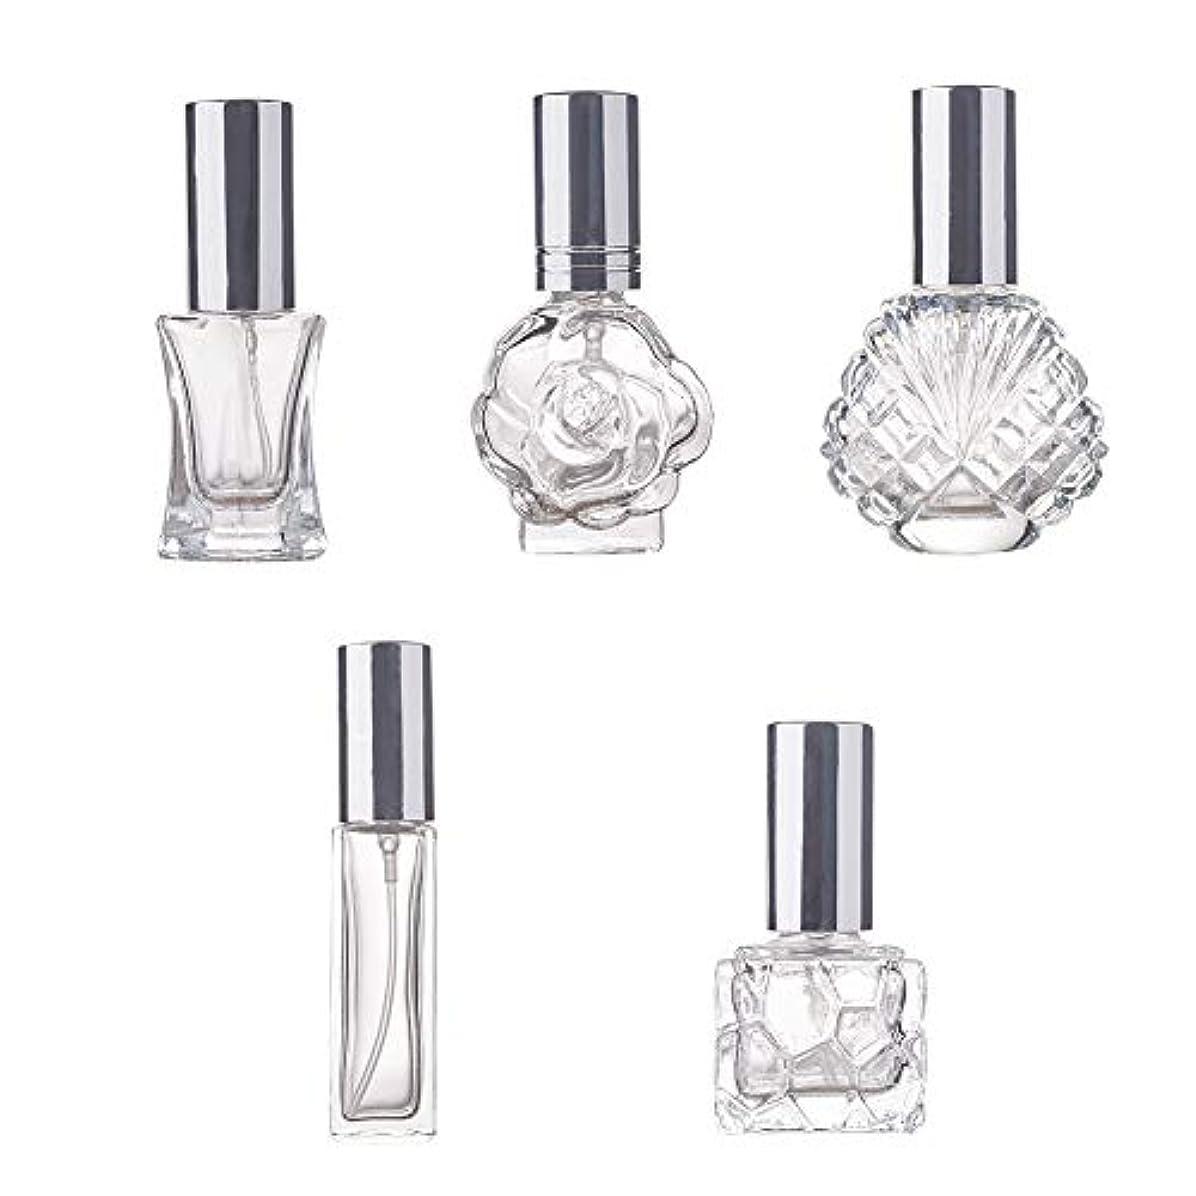 膜麻痺させる幅BENECREAT 5個ガラス香水スプレーボトル 多種の形 極細ミスト 香水 芳香剤 化粧水小分け 詰め替えボトル